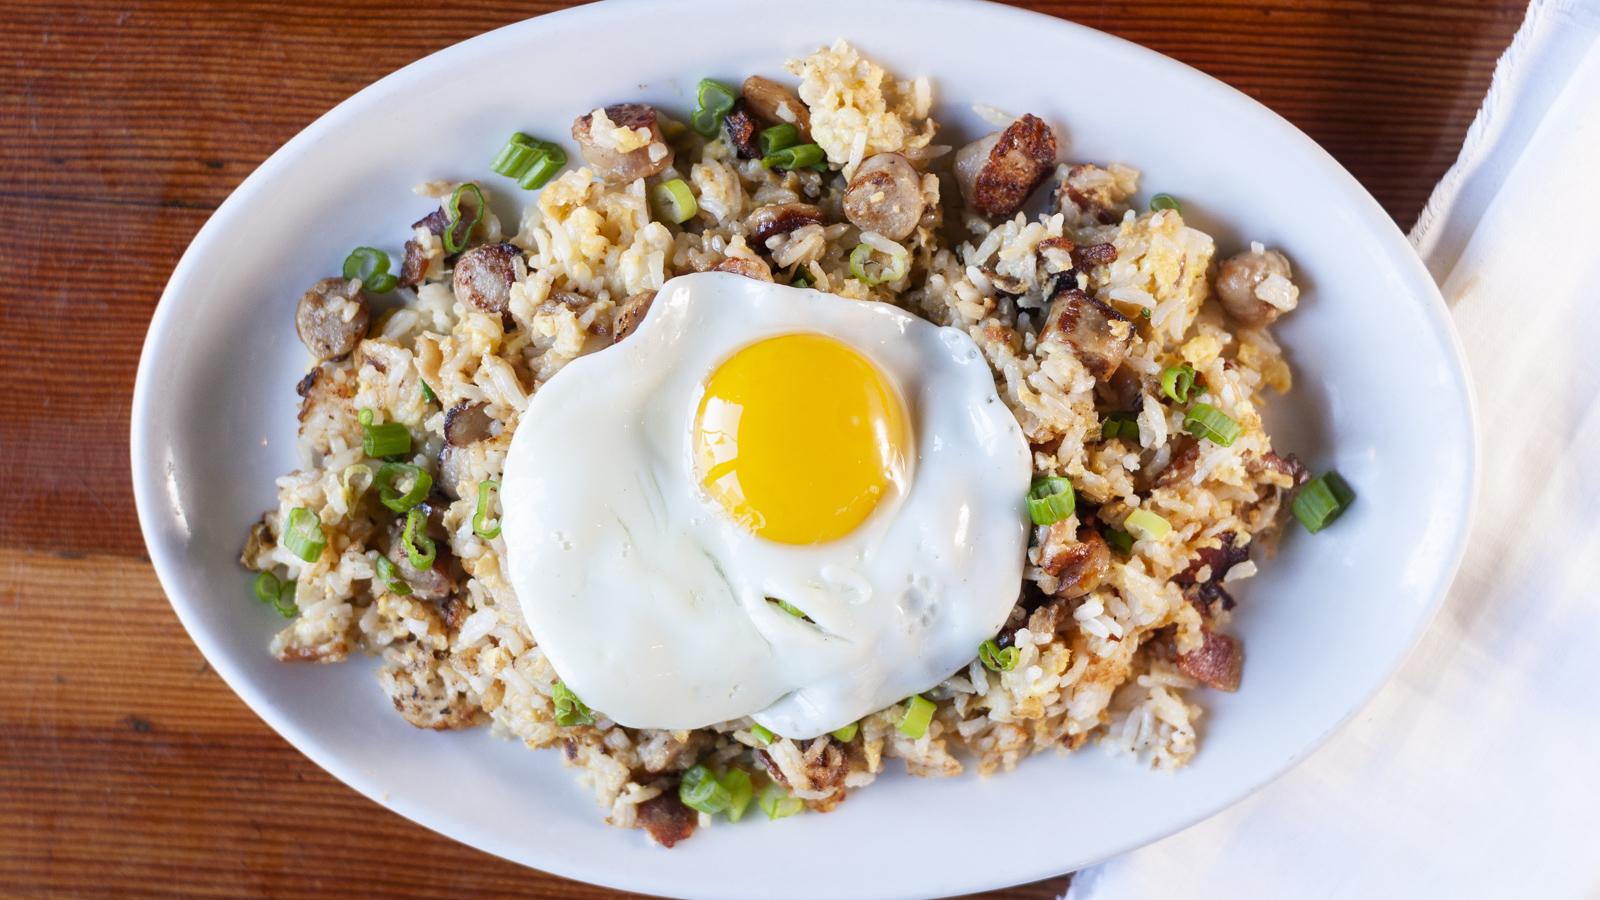 BreakfastFriedRice.jpg